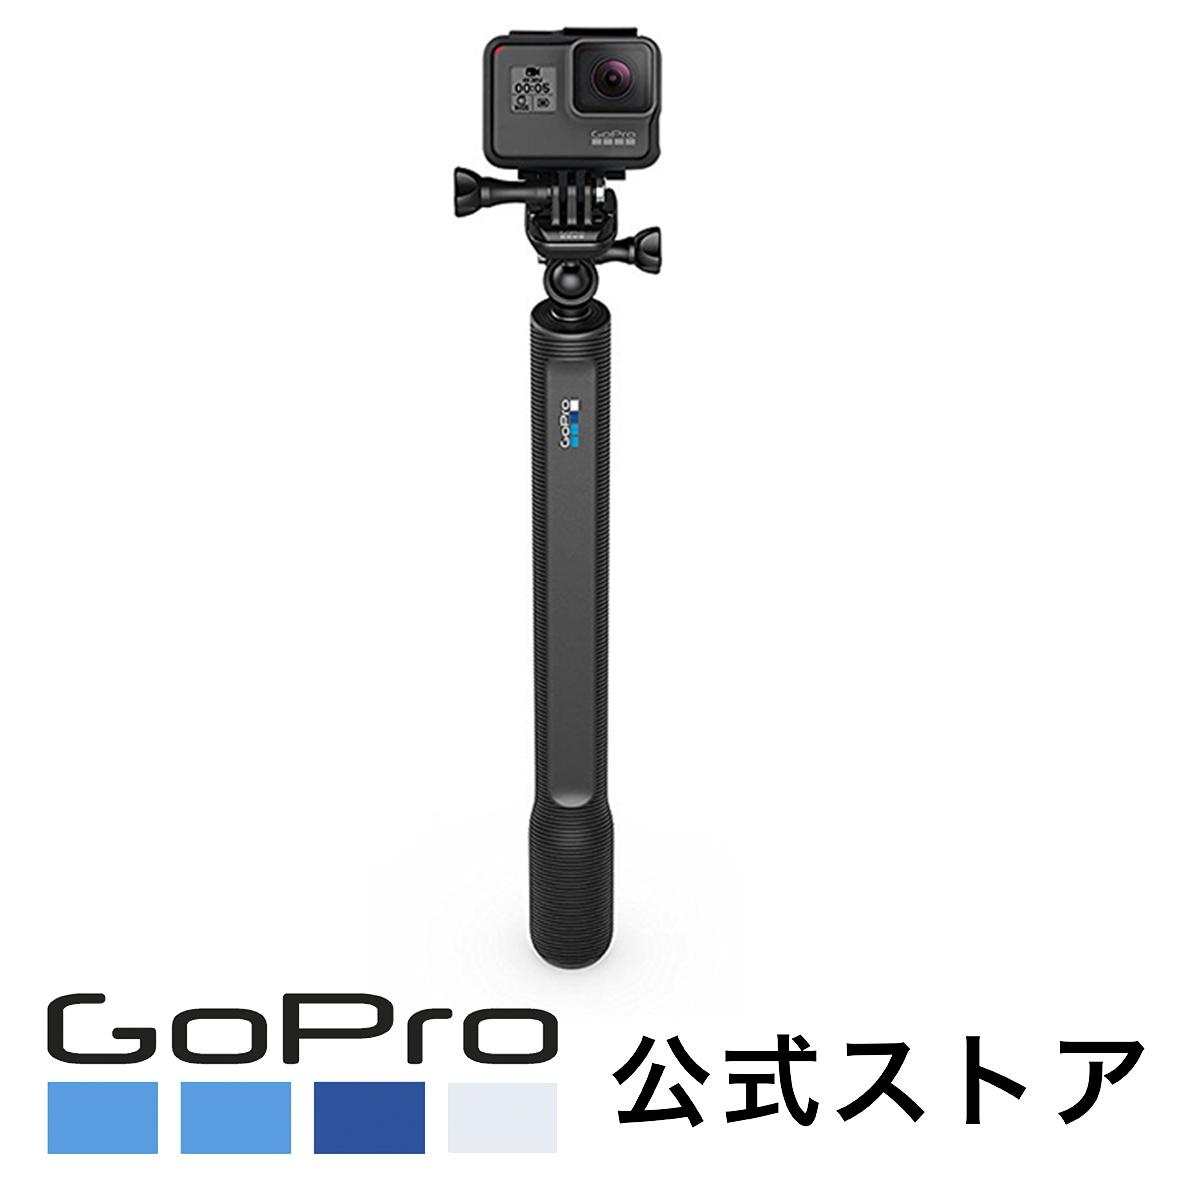 日本産 GoPro公式 ゴープロ El Grande 97cm 国内正規品 延長ポール AGXTS-001 オンライン限定商品